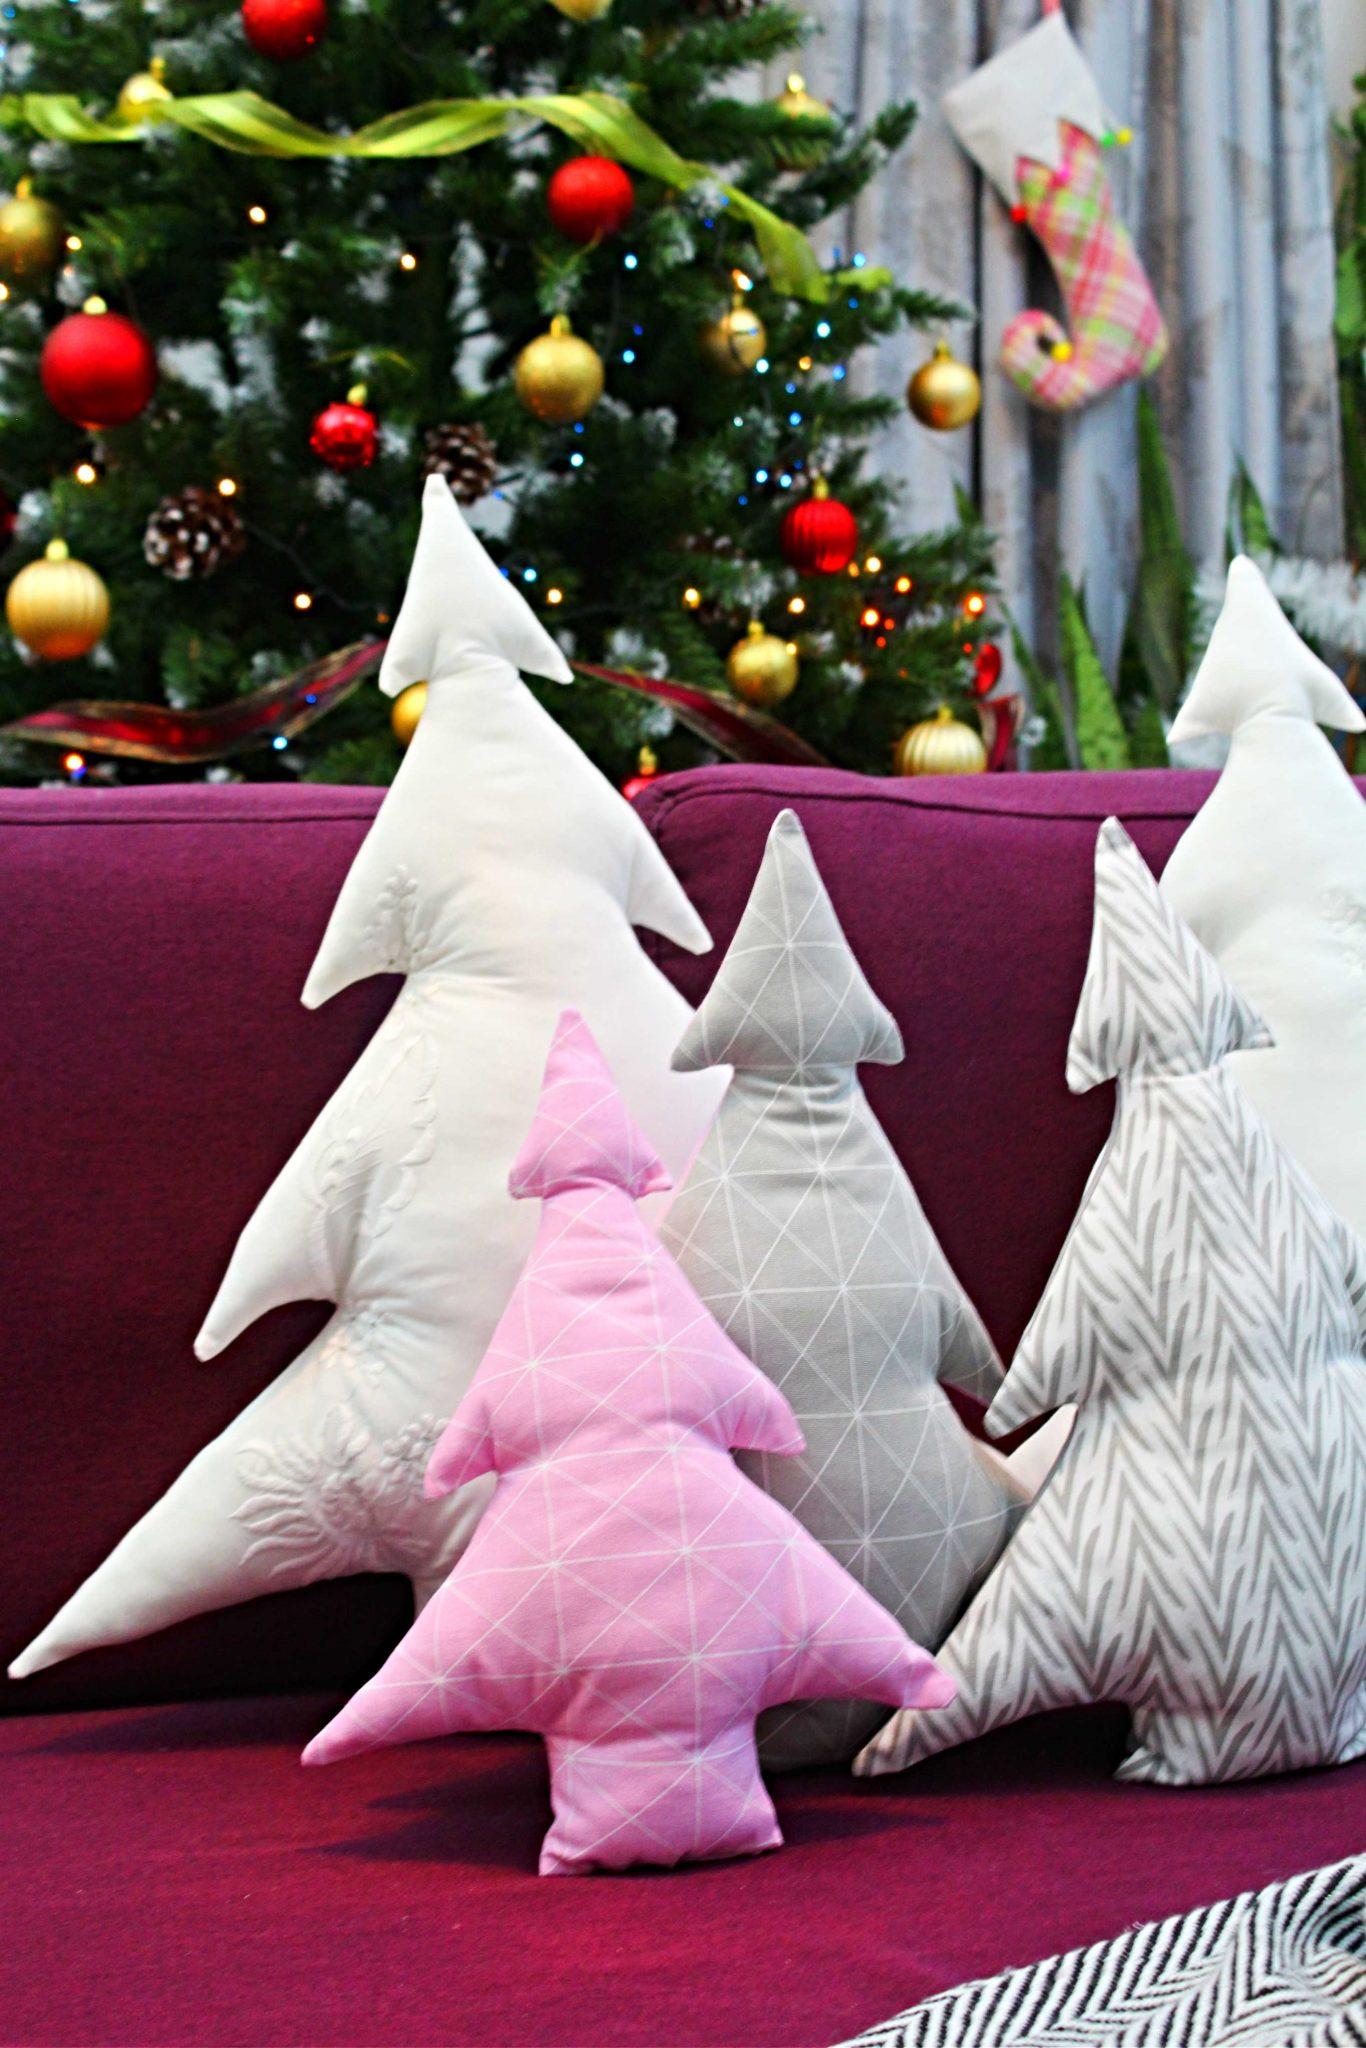 Christmas pillows to make